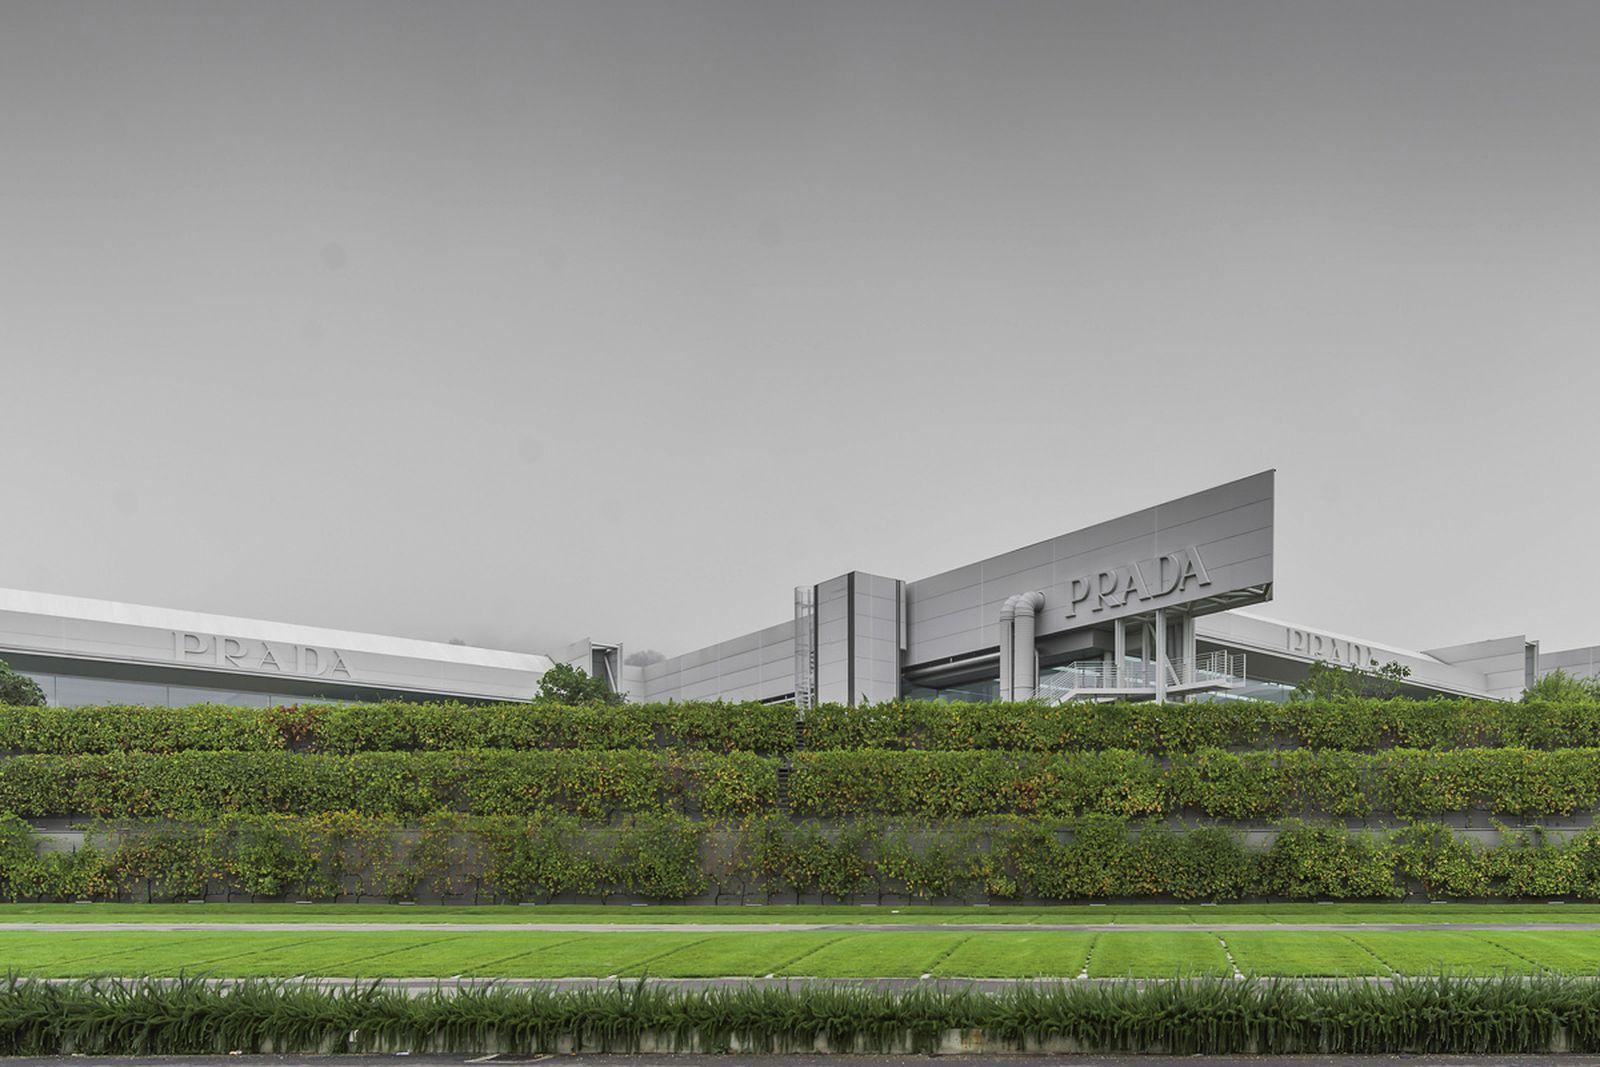 prada-hq-garden-factory-valvigna-04